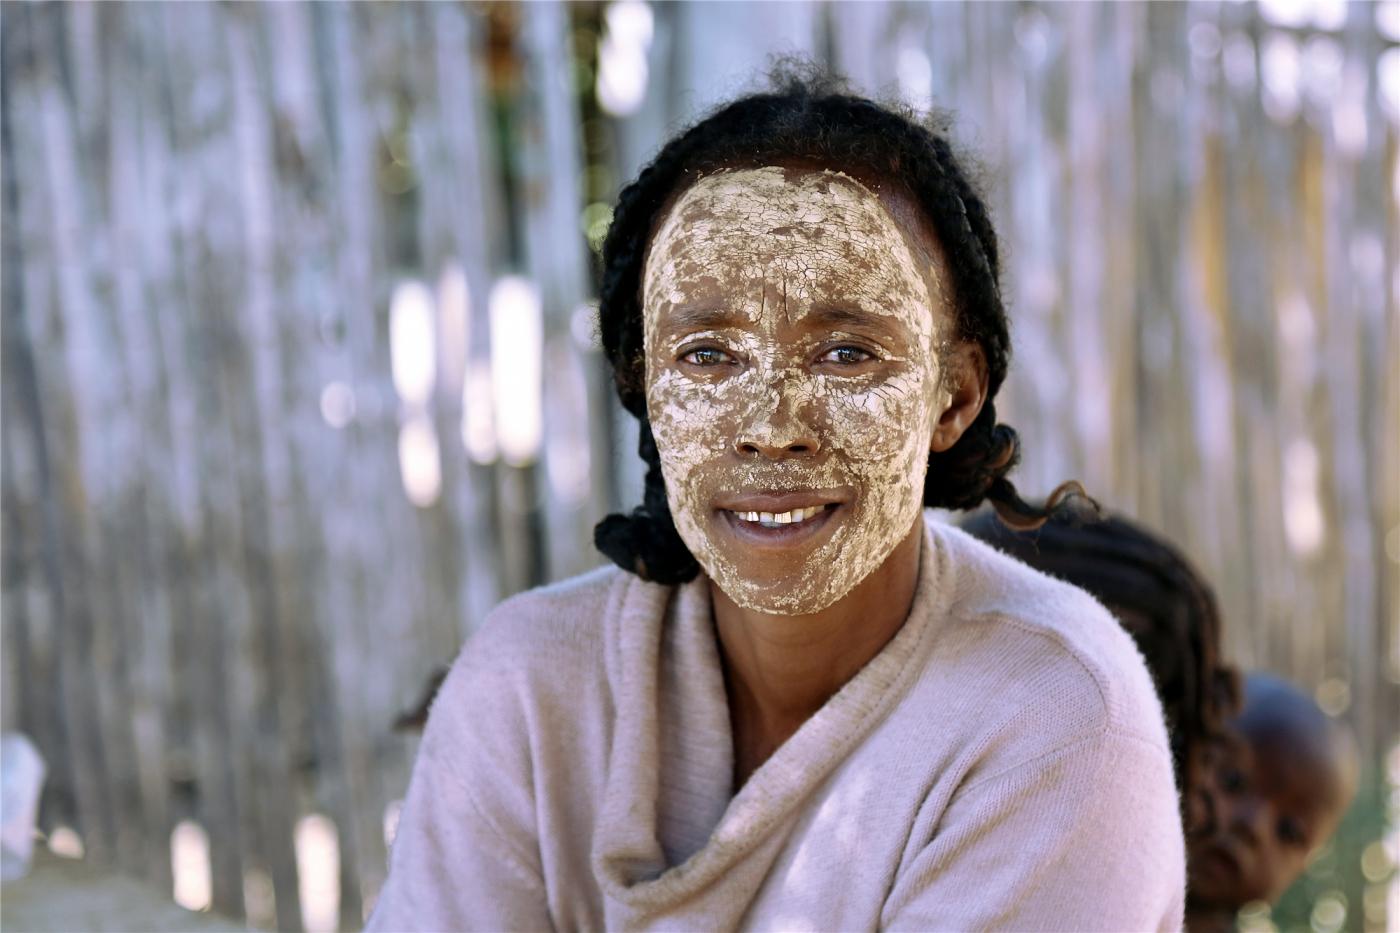 【原创实拍】黑色脸谱  ——行摄南部非洲(人像篇)_图1-13